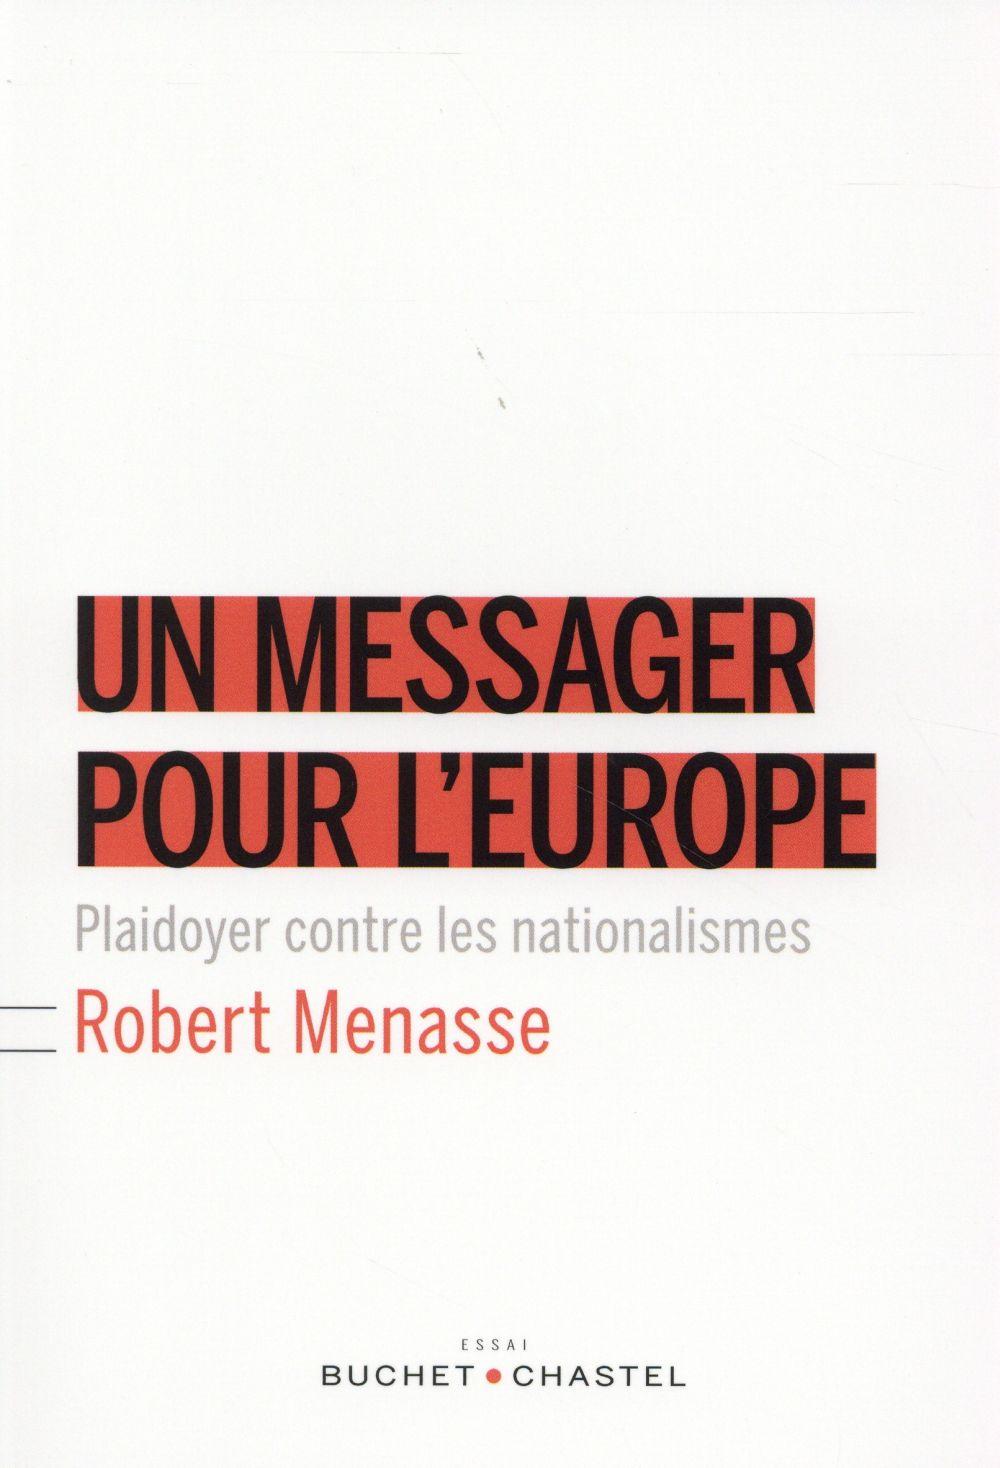 Un messager pour l'Europe ; un plaidoyer contre les nationalismes